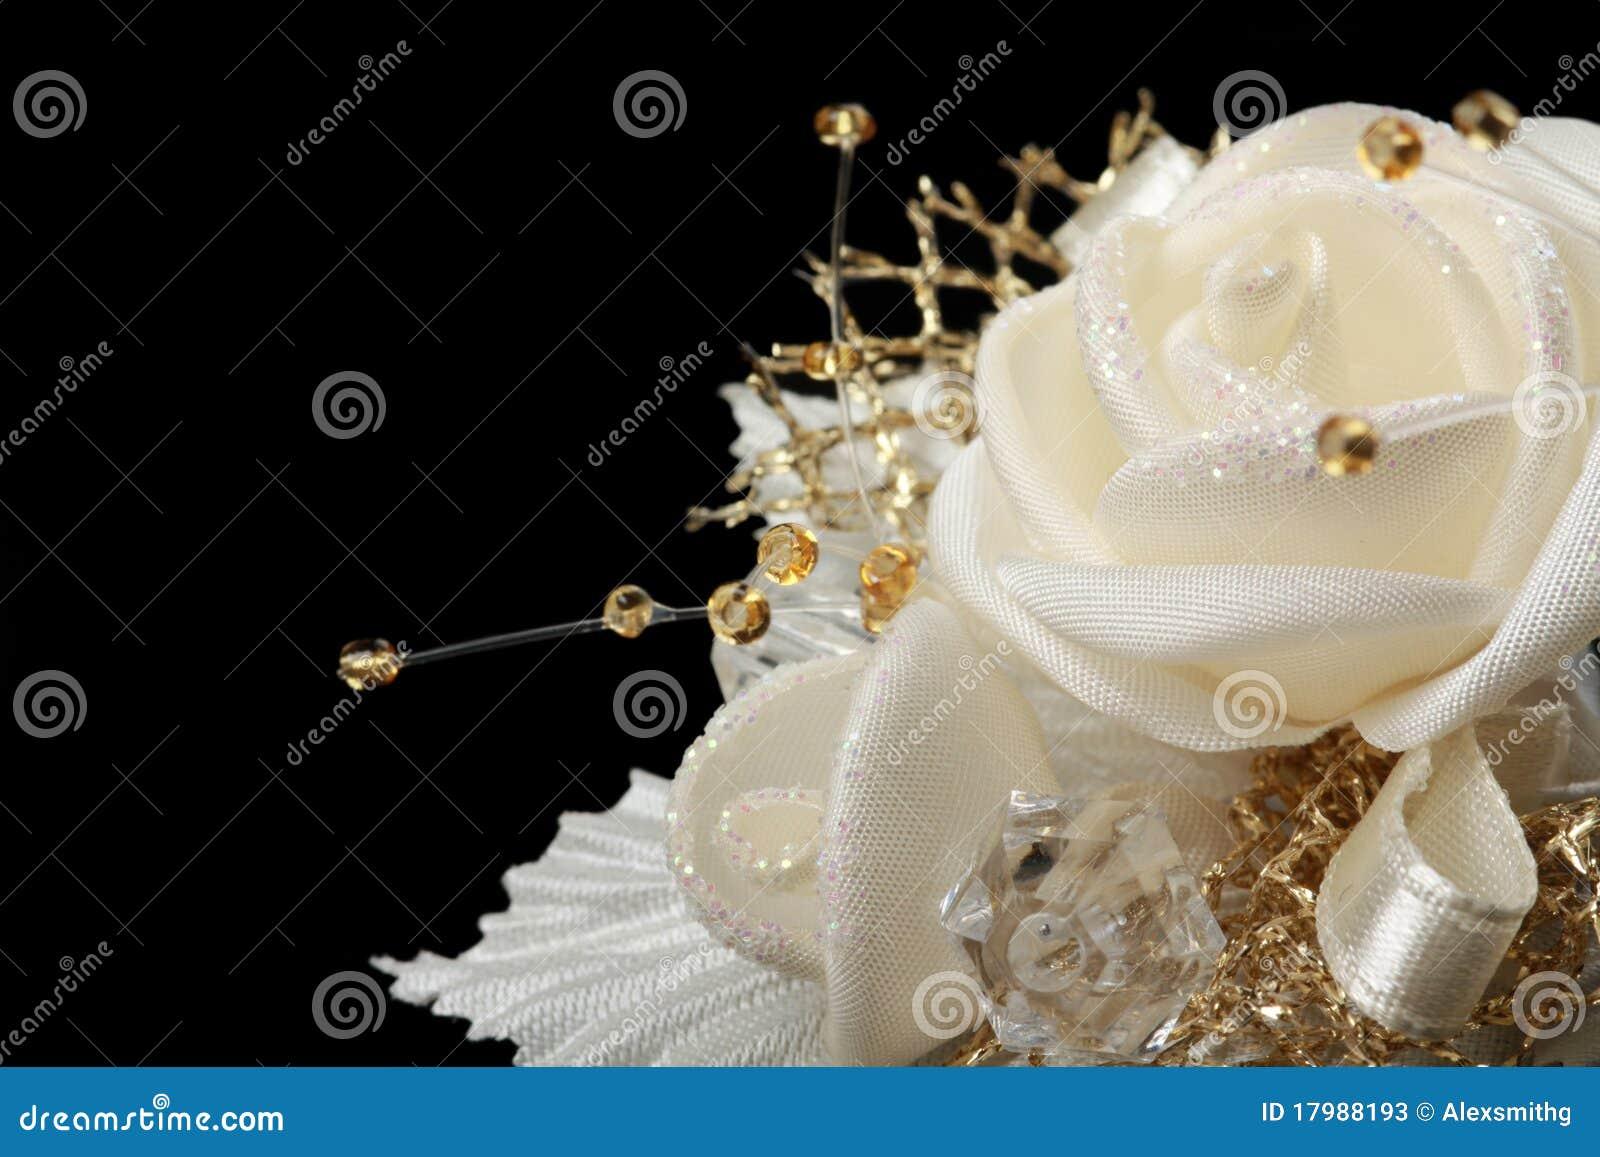 Flor de cetim da remoção de ervas daninhas